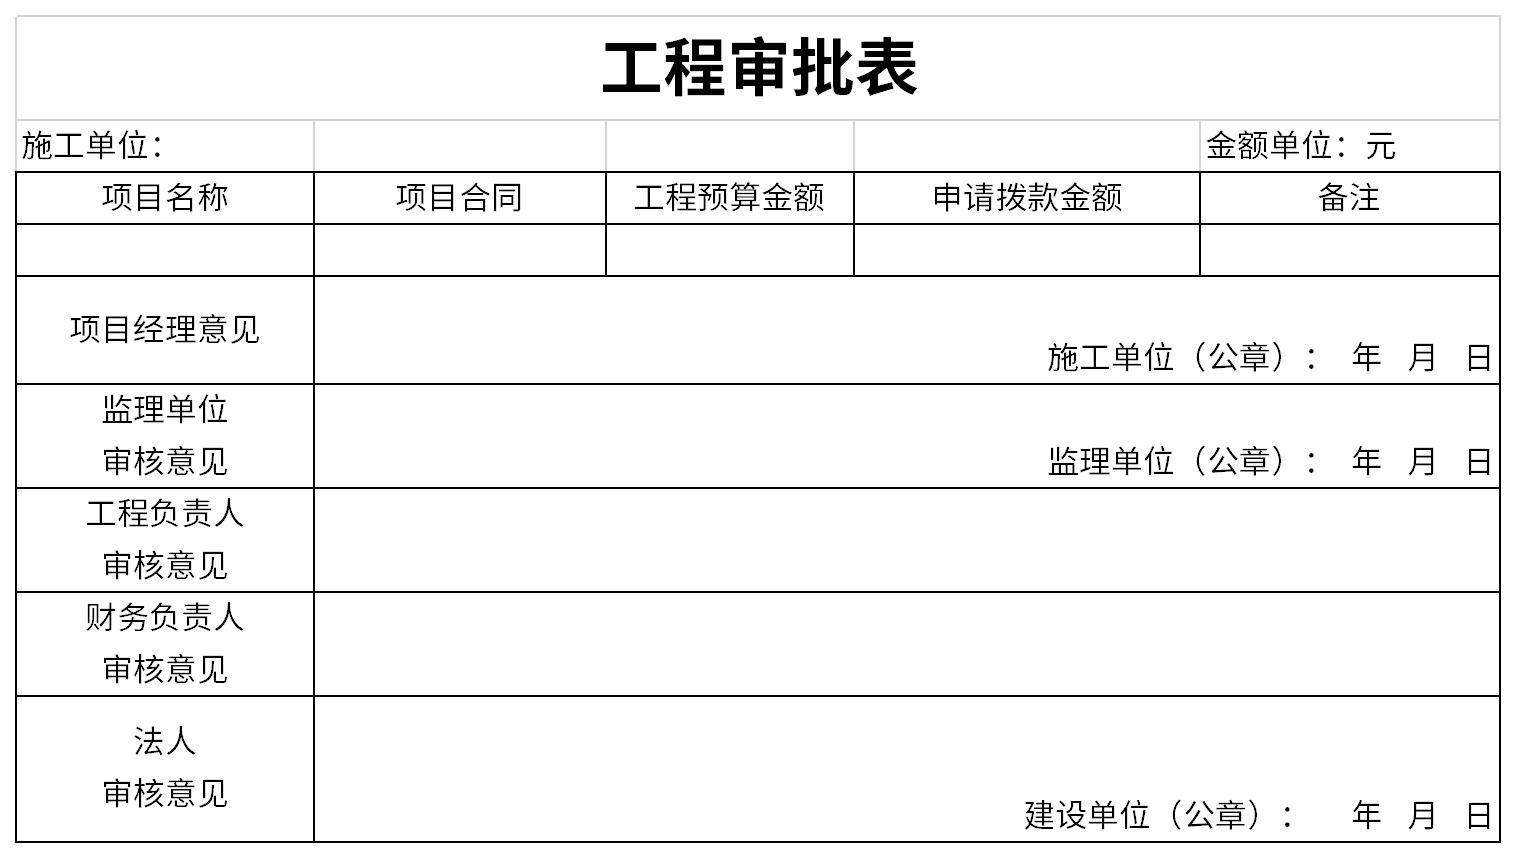 工程支付审批表截图